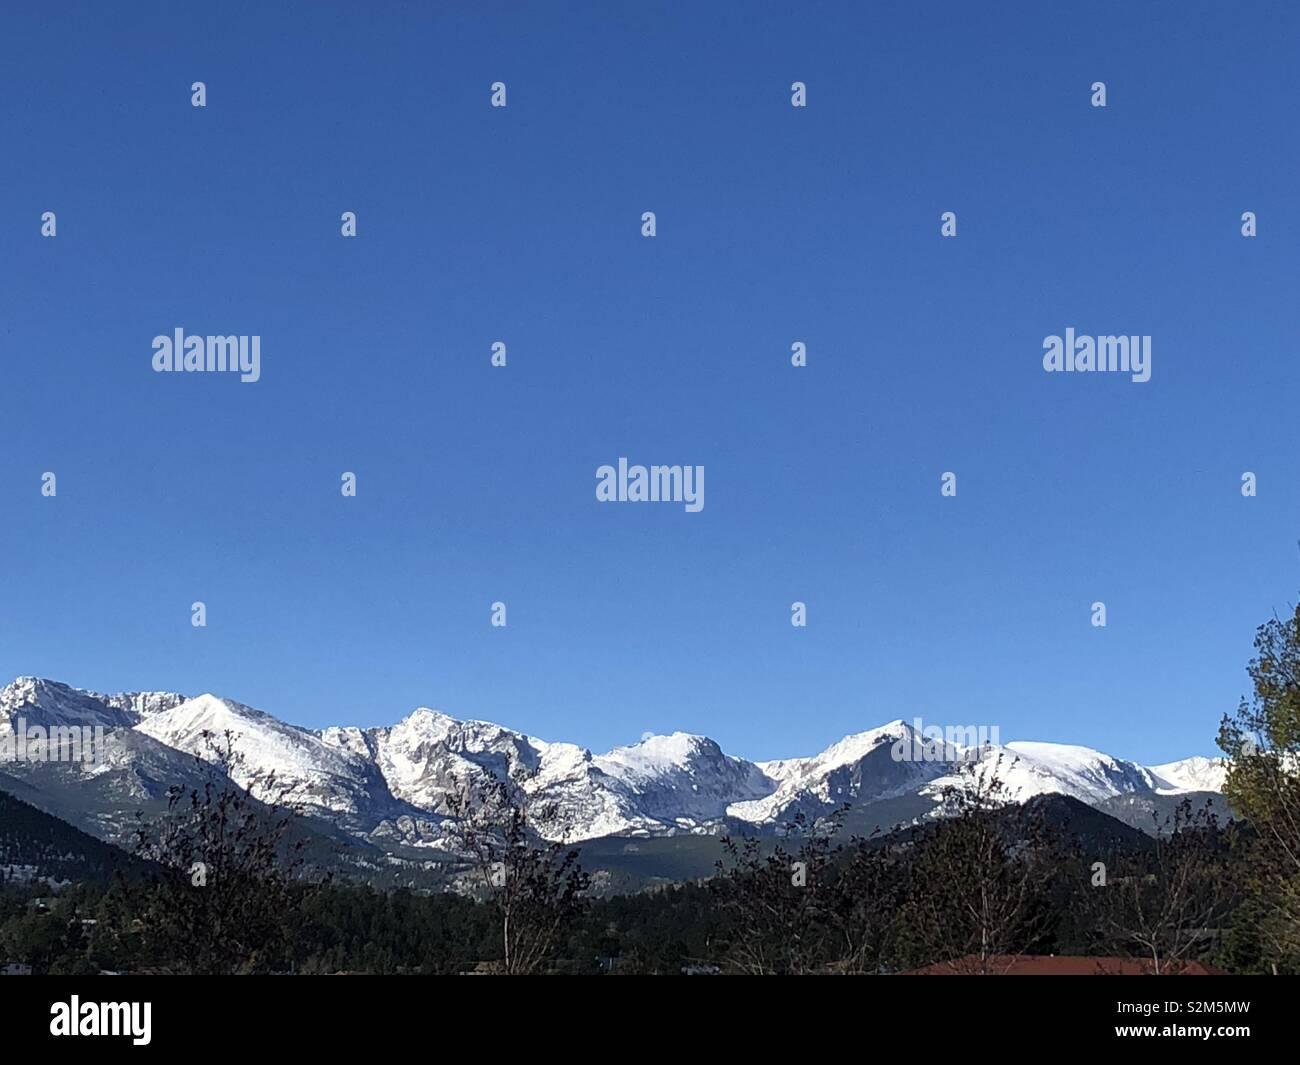 Colorado Mountains Estes Park - Stock Image